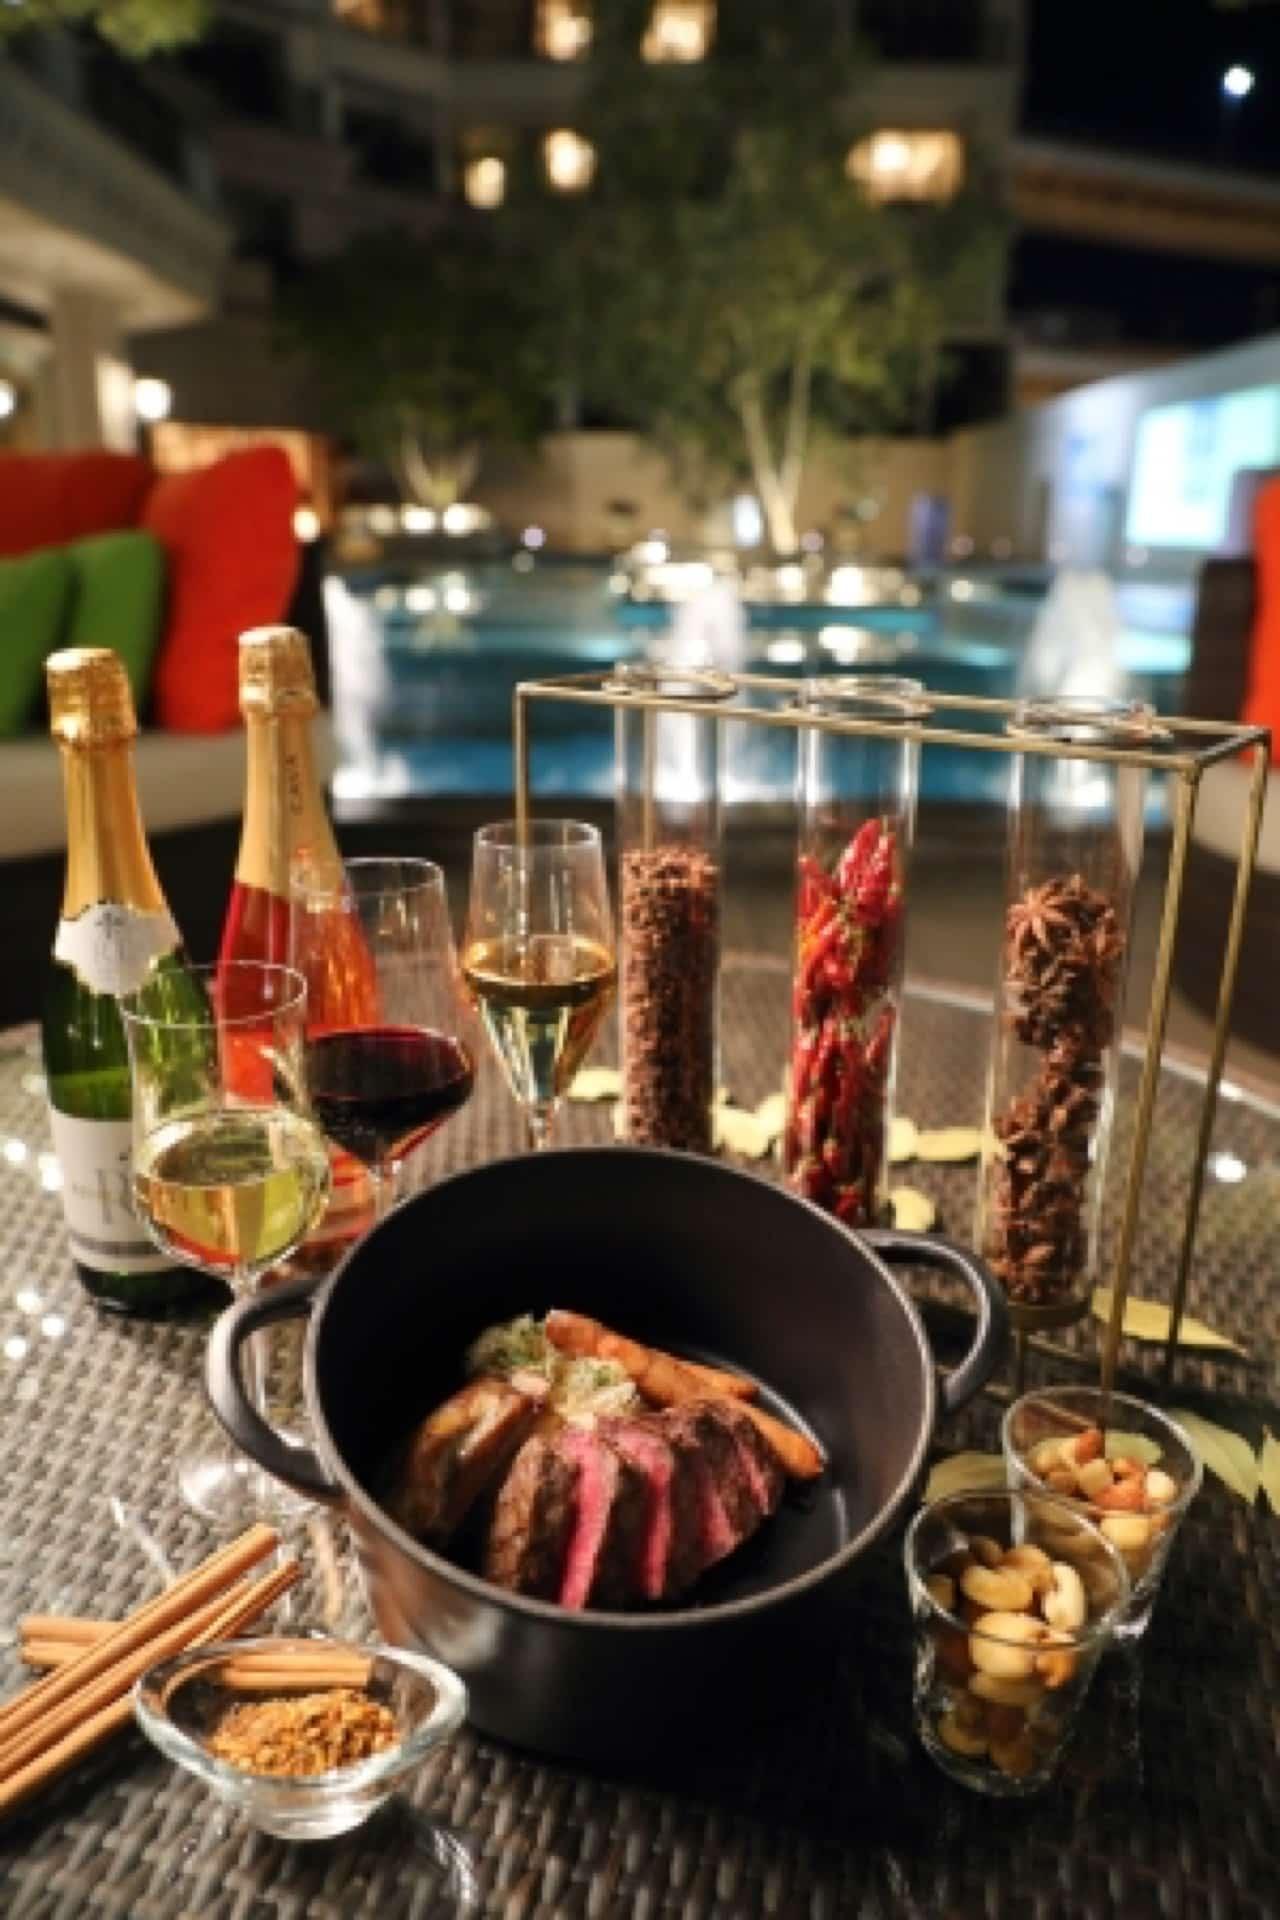 【2019年】4月から楽しめる!ラスイート神戸のワイン&ビアガーデン。今年はエスニックスタイルで